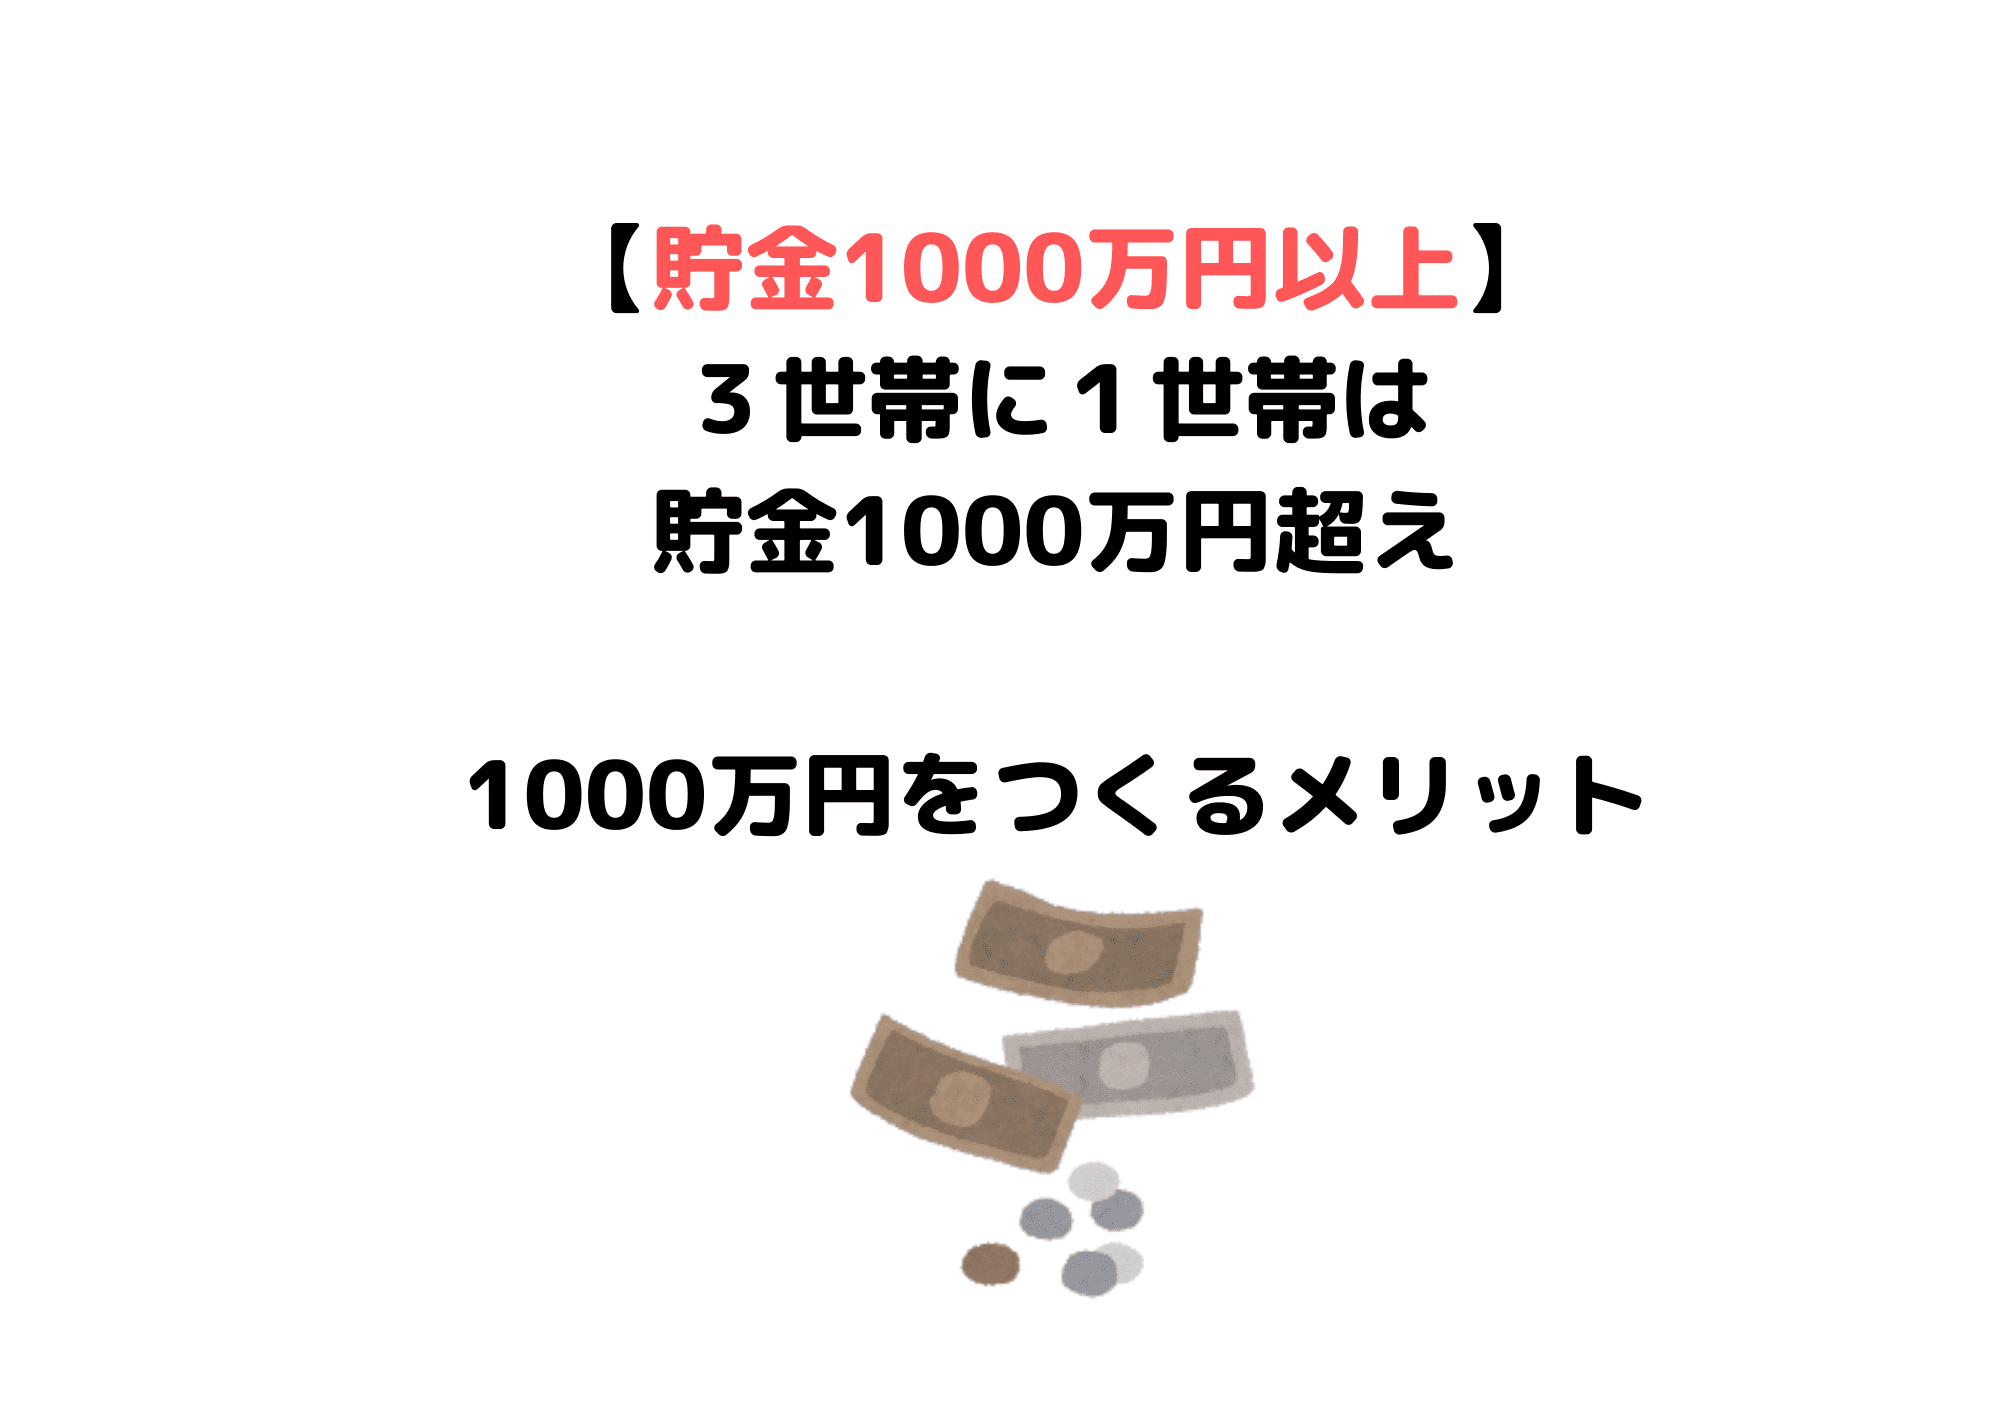 統計 貯金1000万円以上 (1)